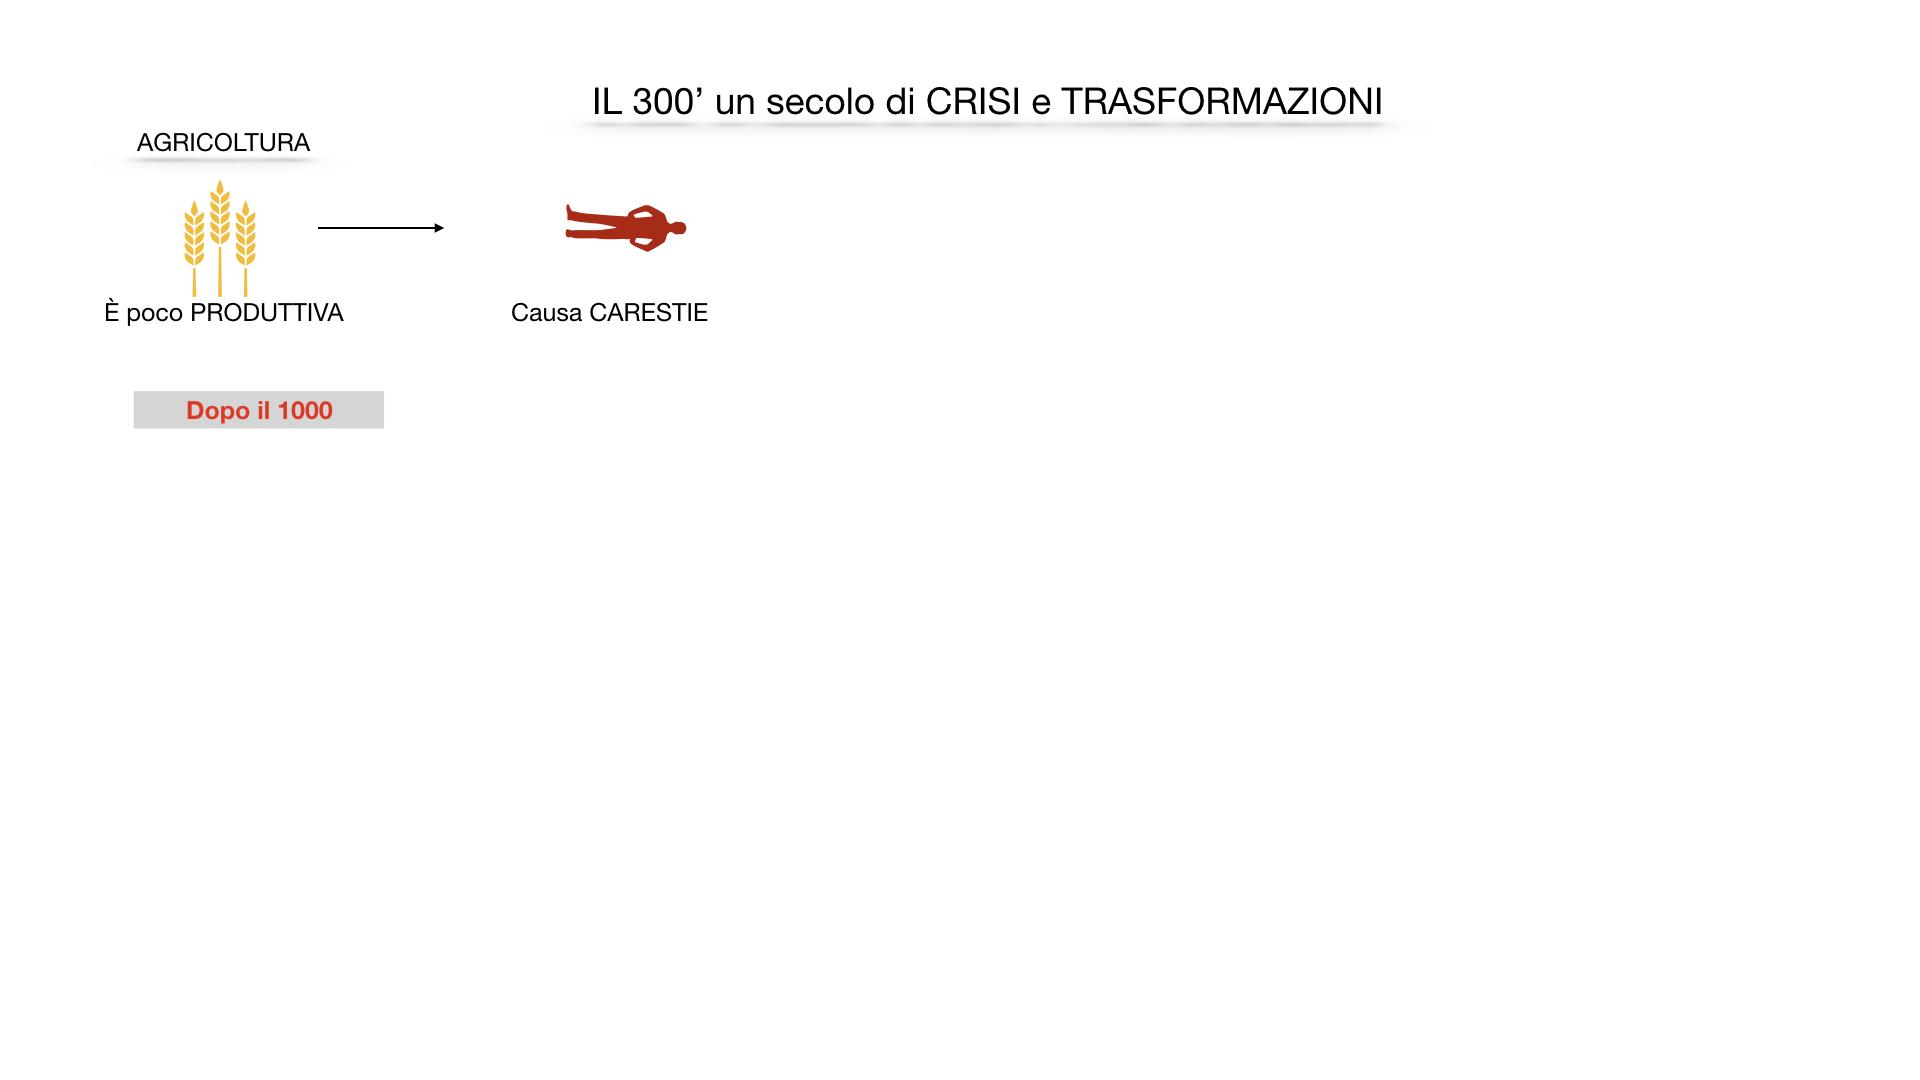 il 300 crisi e trasformazioni_ SIMULAZIONE.005